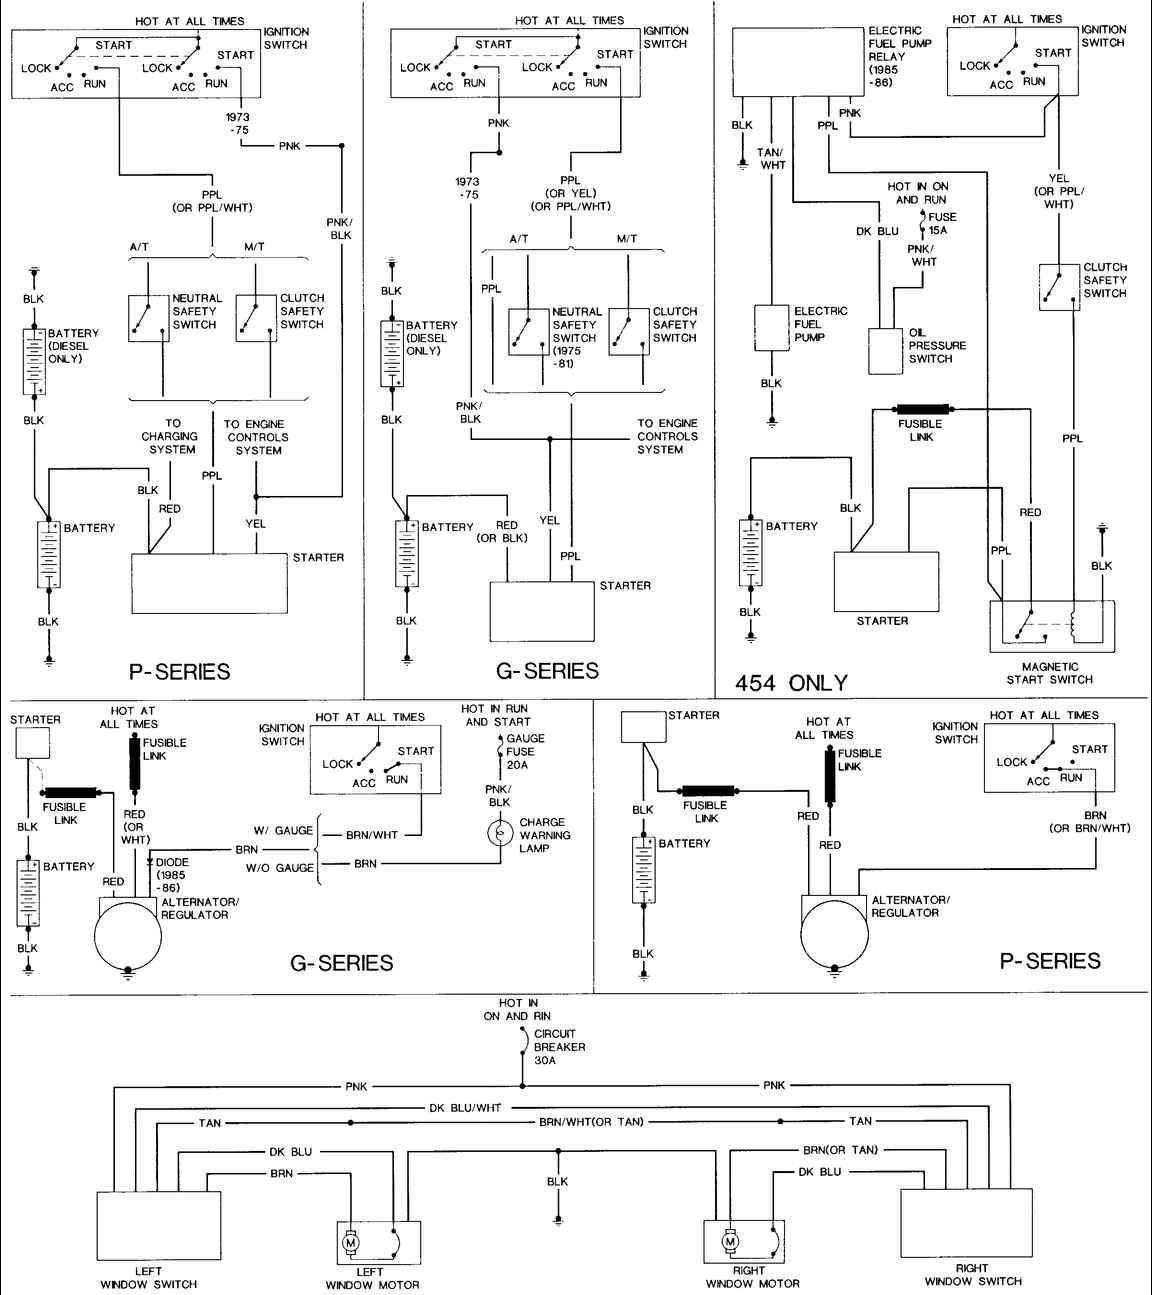 1969 Chevy Starter Wiring Diagram 04 Dodge Stratus Fuse Diagram For Wiring Diagram Schematics